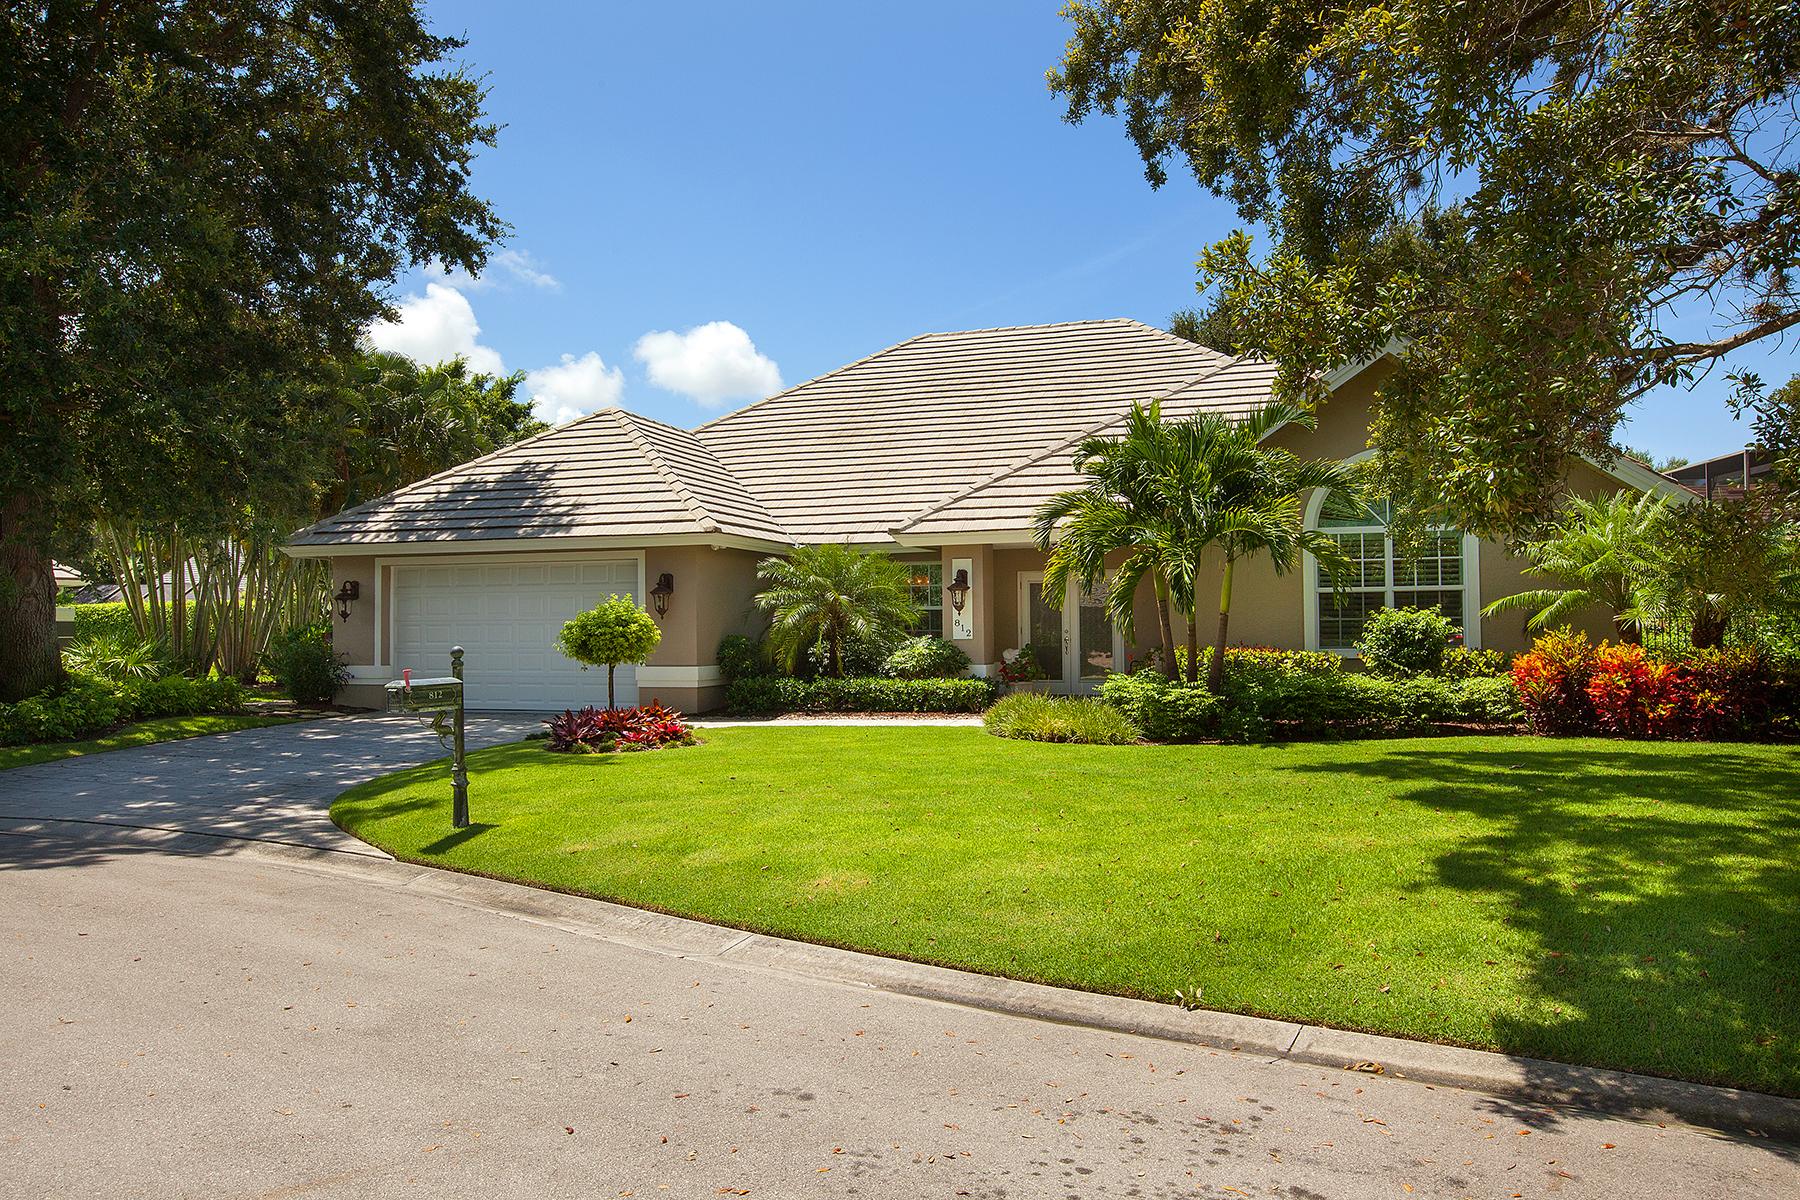 独户住宅 为 销售 在 PELICAN BAY - OAKMONT 812 Pitch Apple Ln Naples, 佛罗里达州 34108 美国